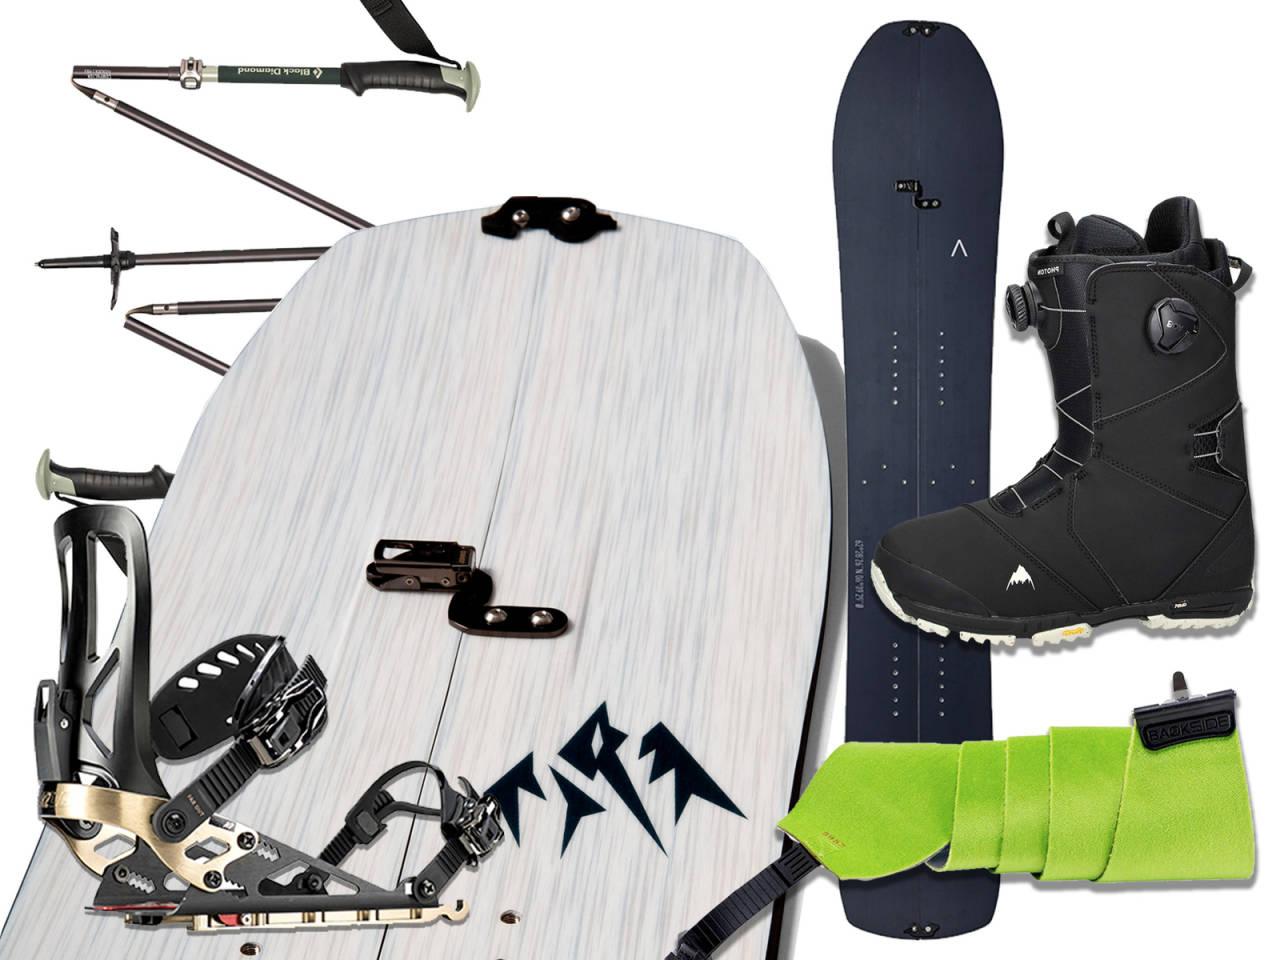 utstyr til splitboarding